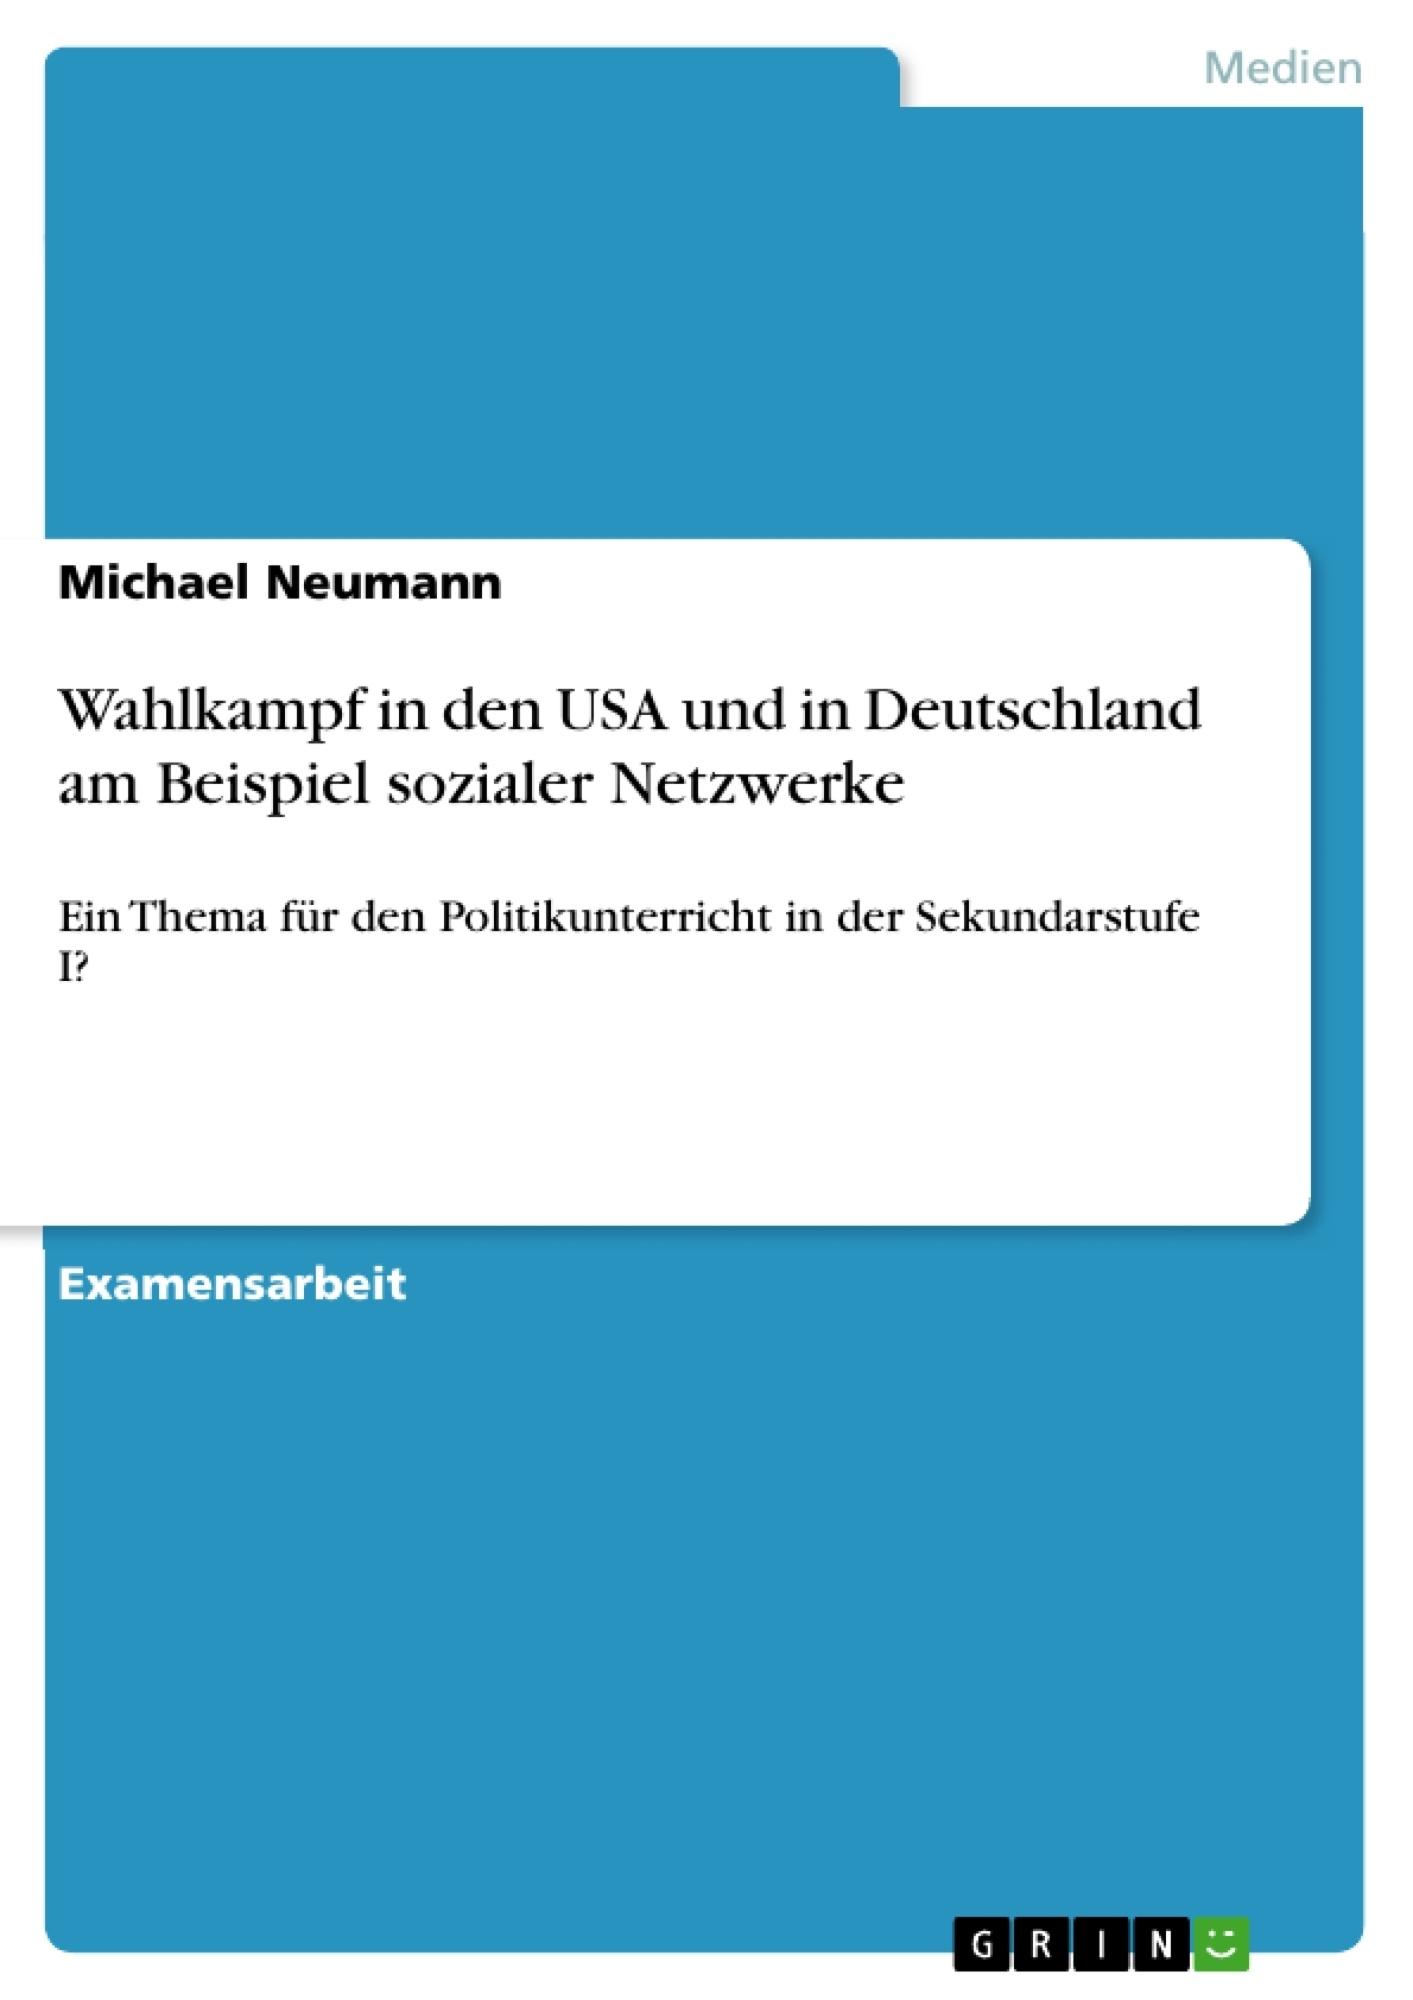 Titel: Wahlkampf in den USA und in Deutschland am Beispiel sozialer Netzwerke